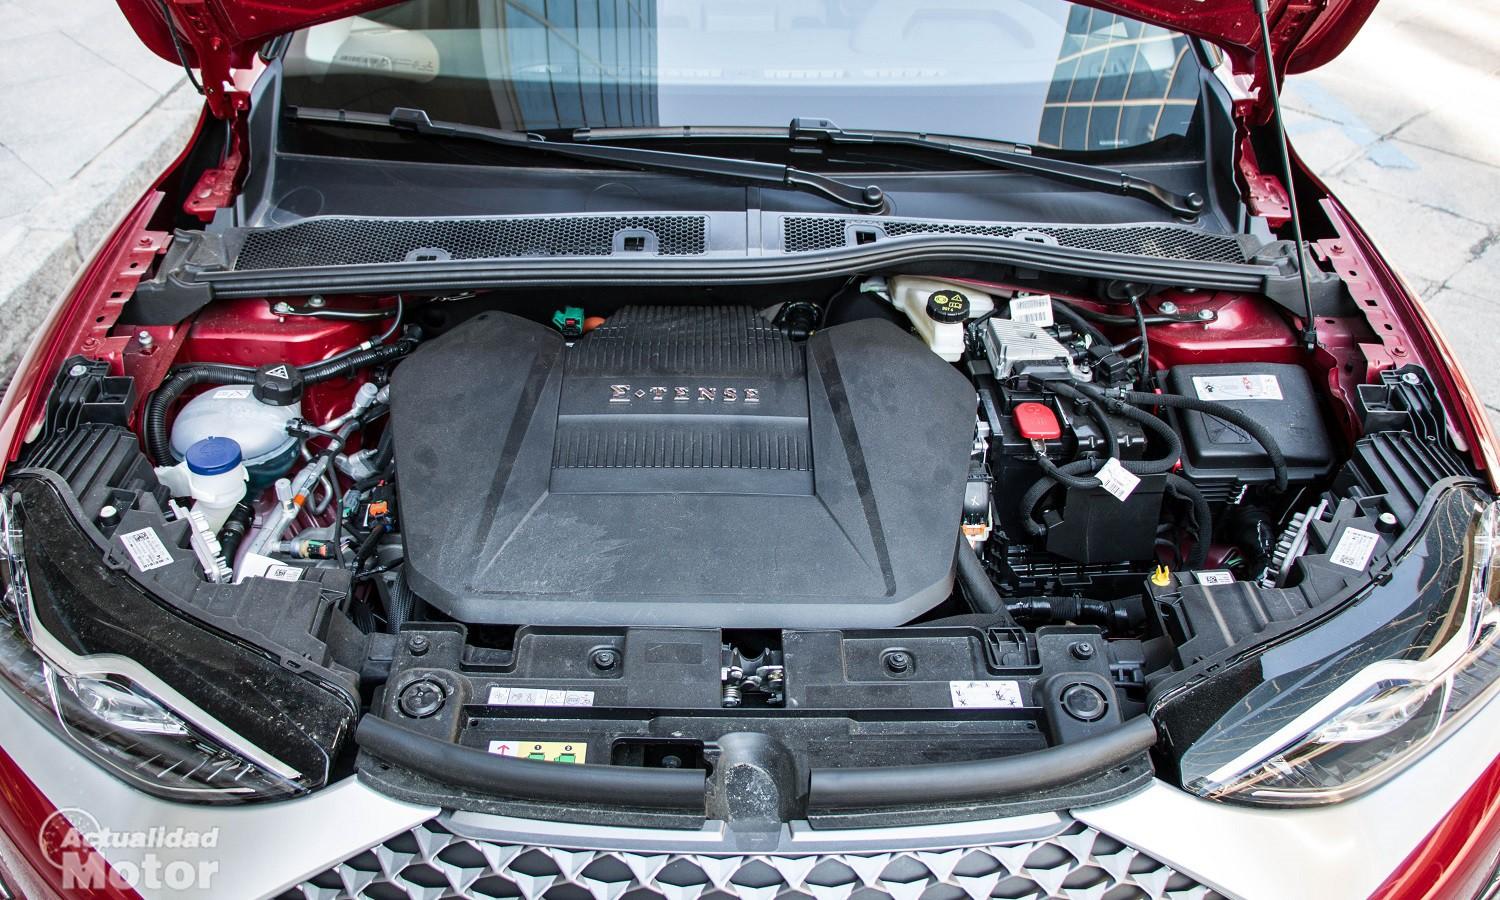 Vano motor del DS 3 Crossback E-Tense